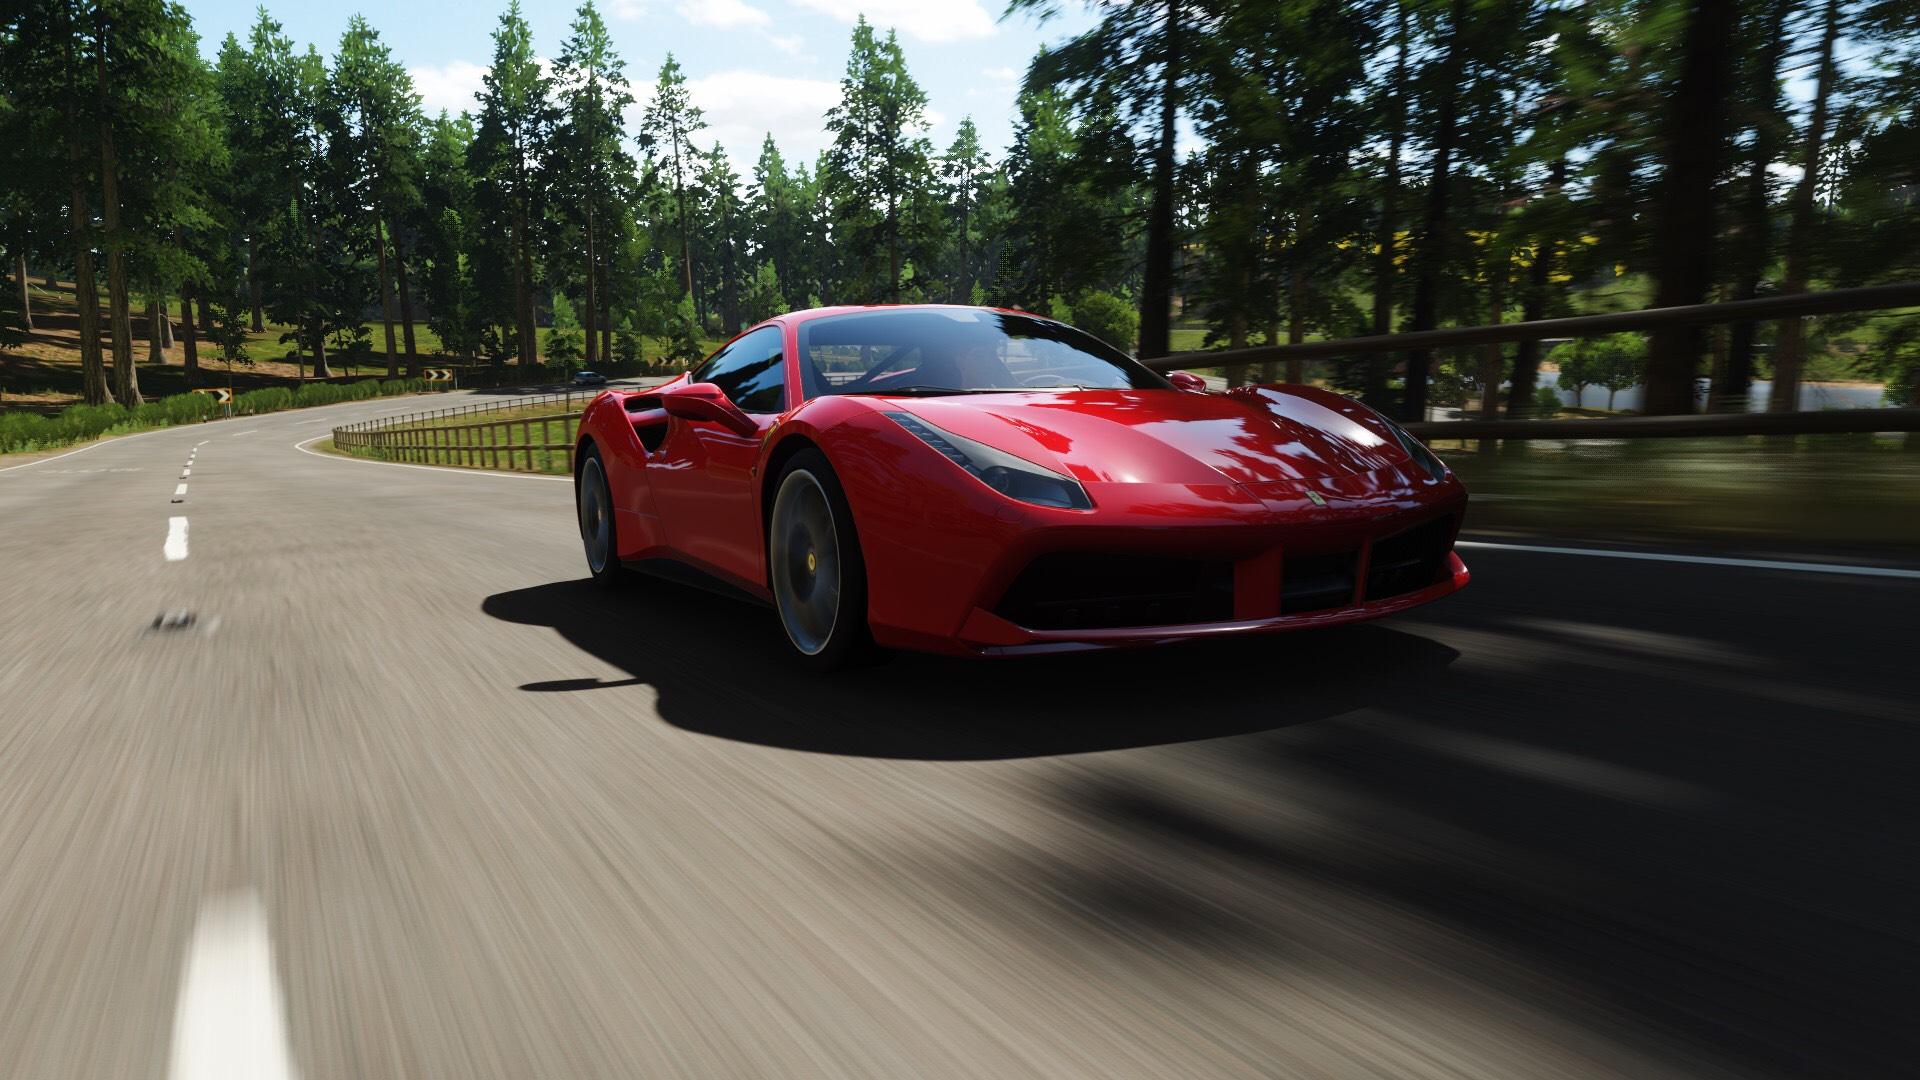 I Took This When Cruising In Forza Horizon 4